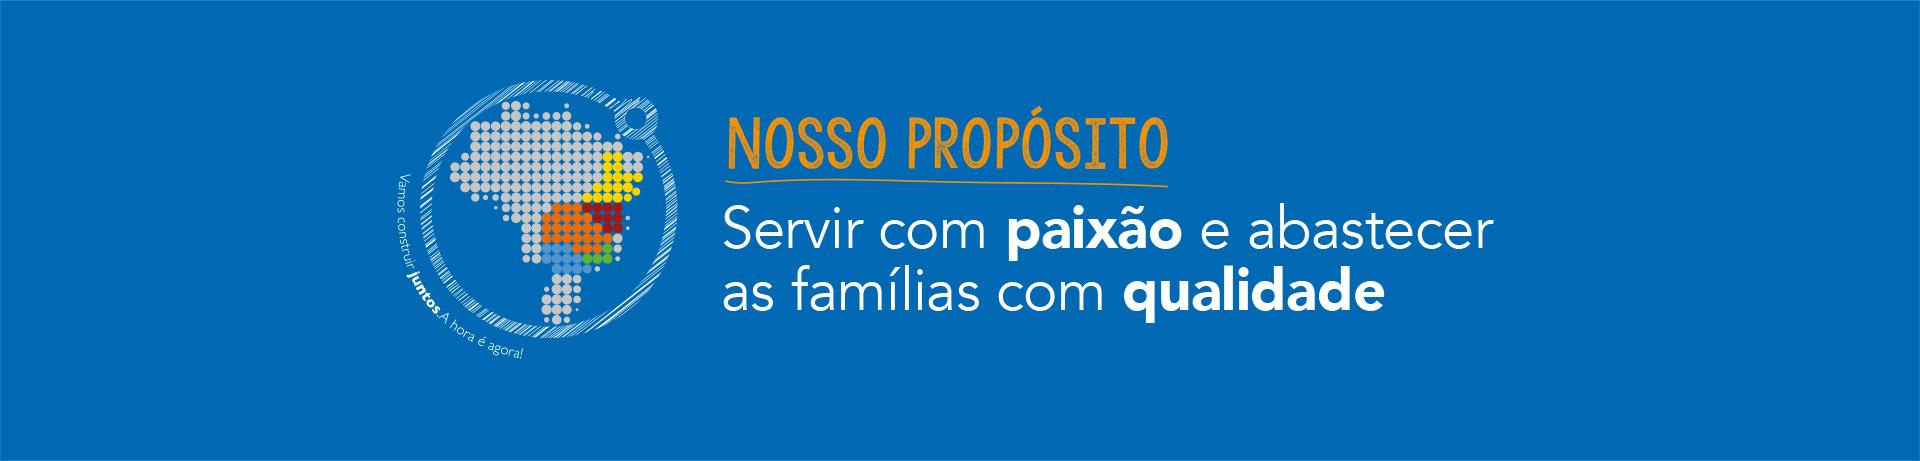 Propósito Cencosud - Servir com paixão de abastecer as famílias com qualidade